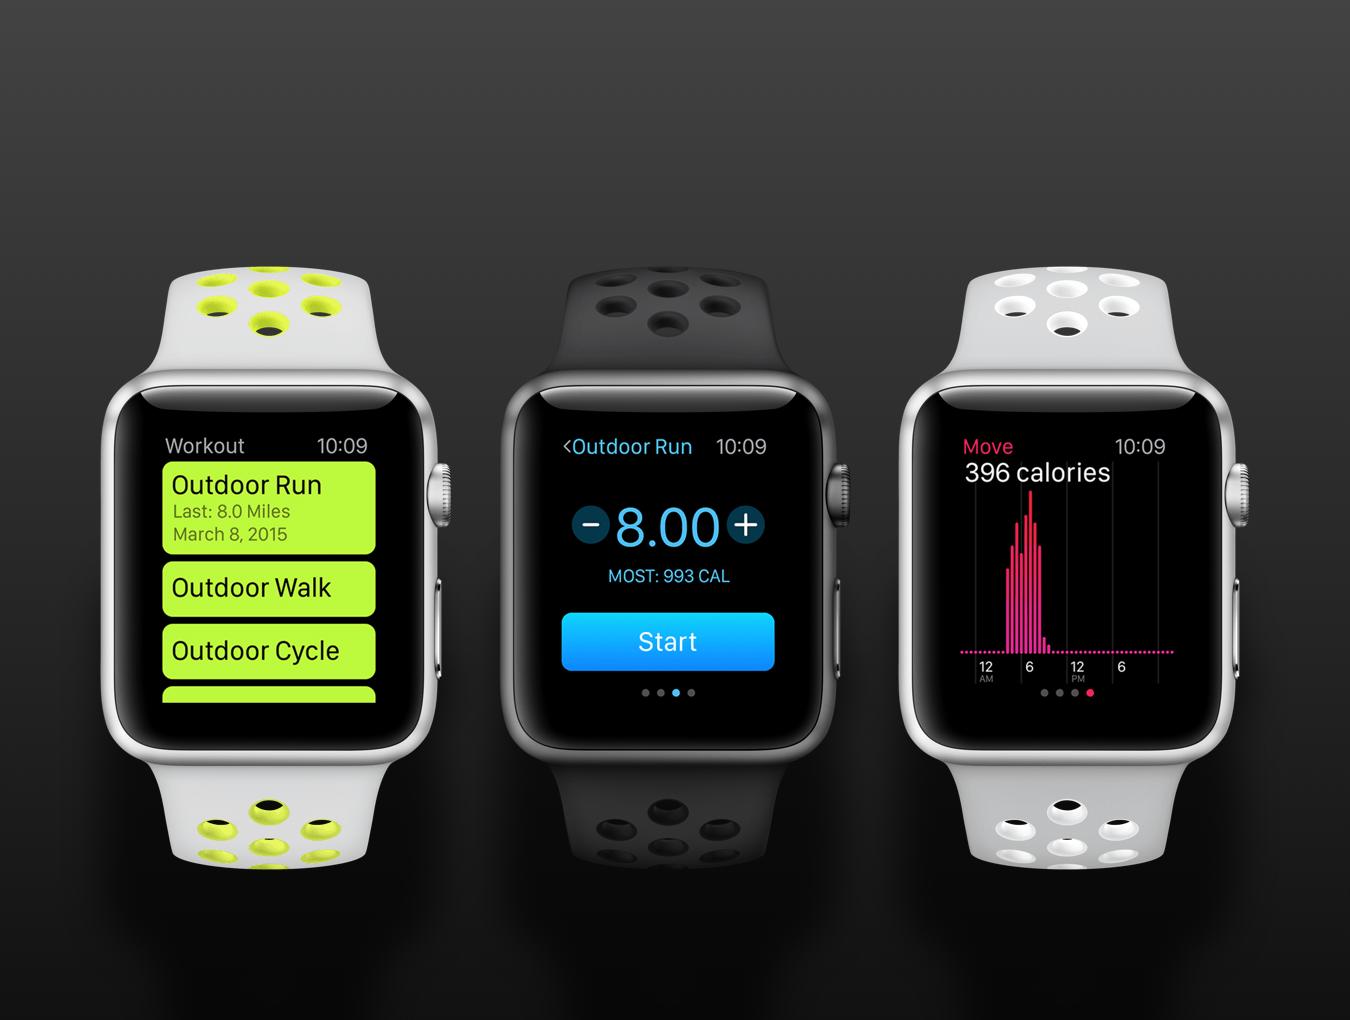 5款前视图苹果手表Apple Watch展示样机 Top 5 Apple Watch Views插图(1)